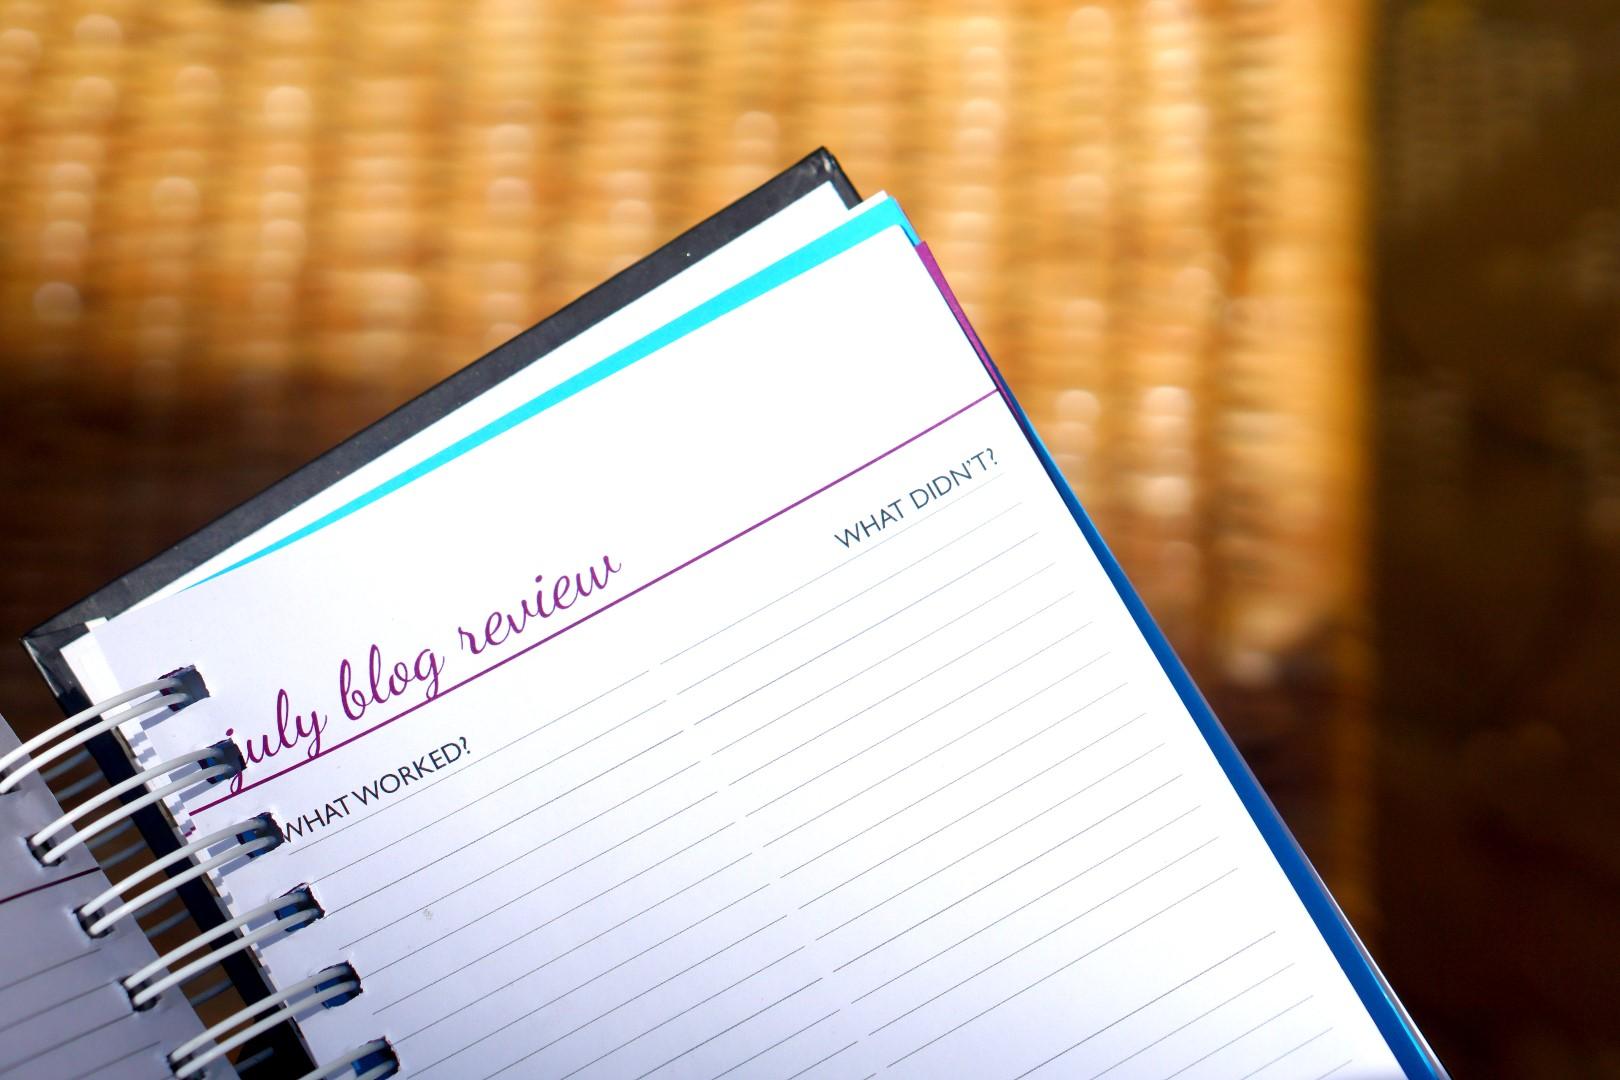 2018 cassie daves blog planner content